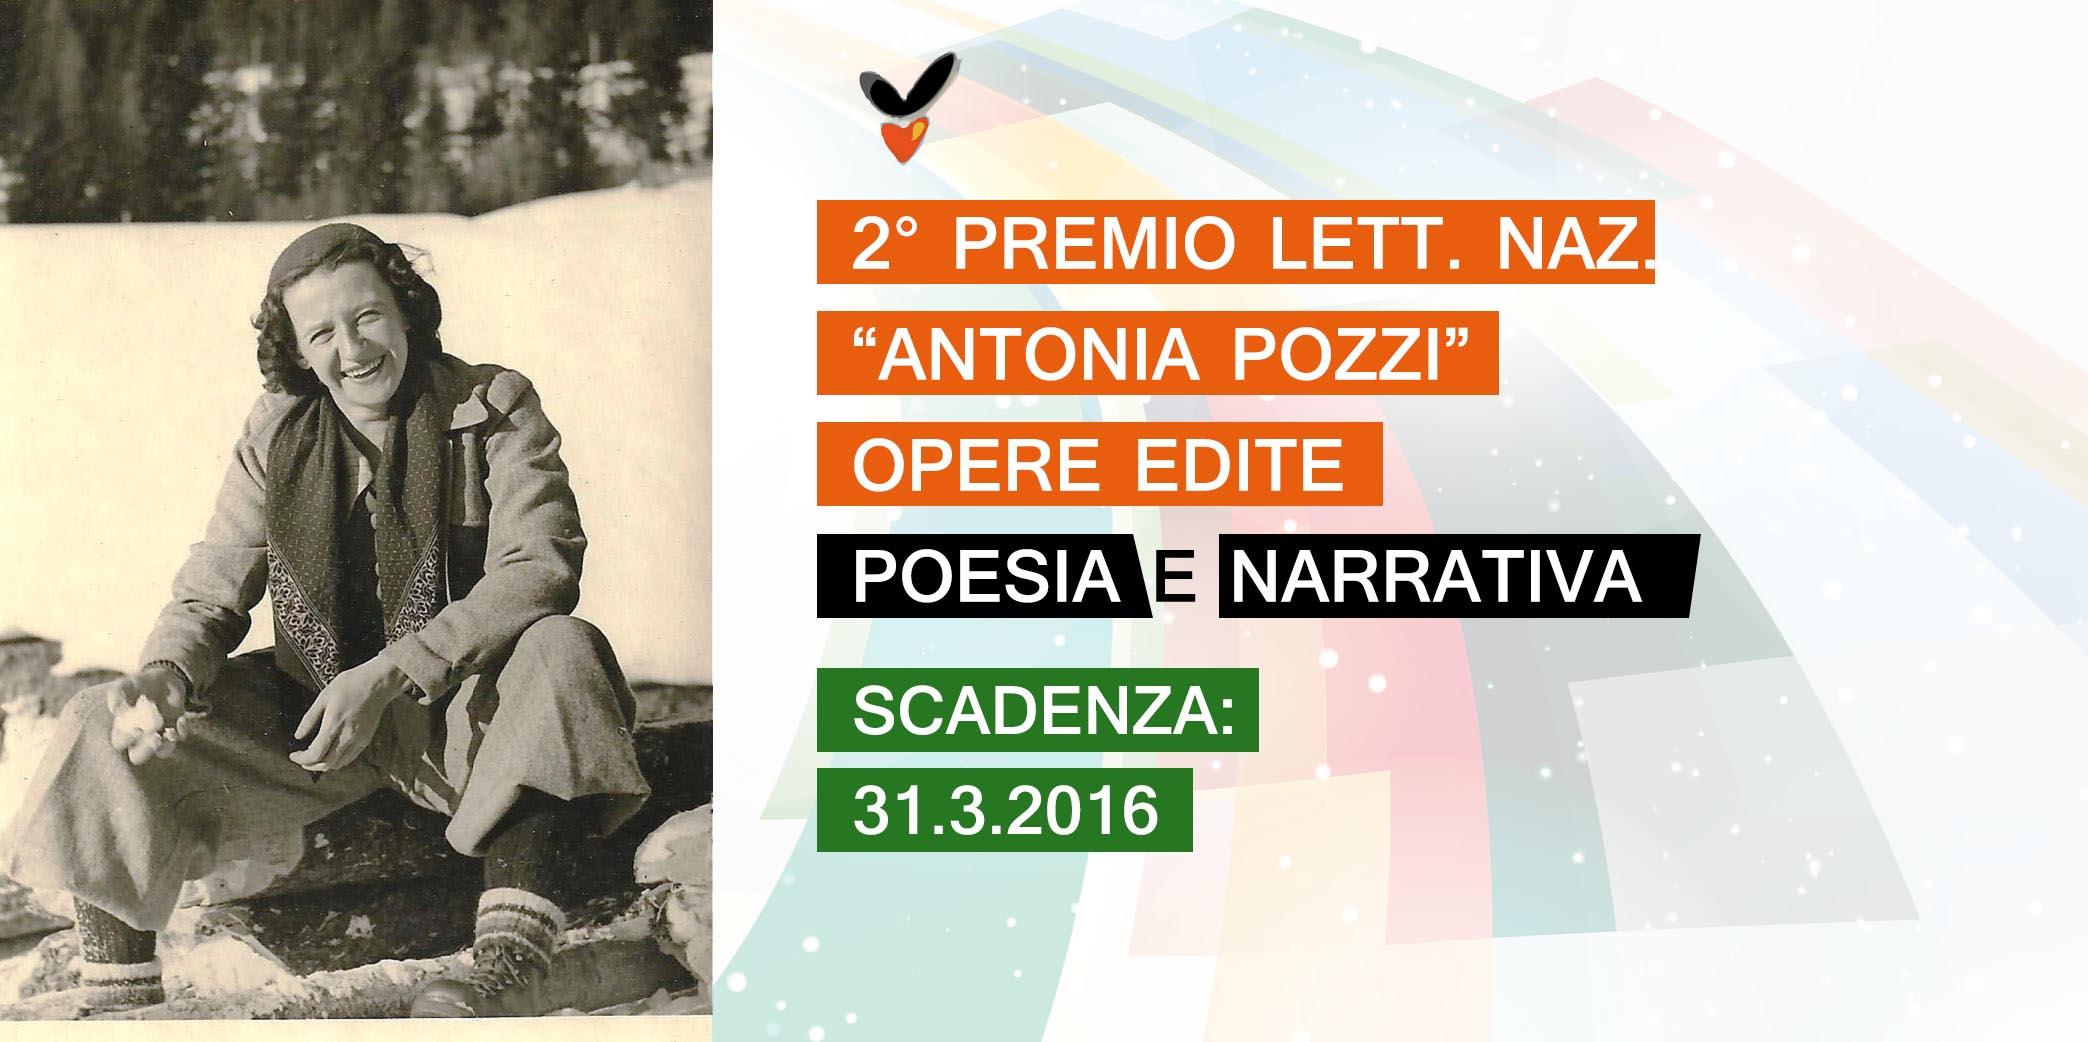 """Scadenza 31.3.2016 – II Premio Letterario Nazionale """"Antonia Pozzi"""" per Libri Editi di Poesia e Narrativa"""